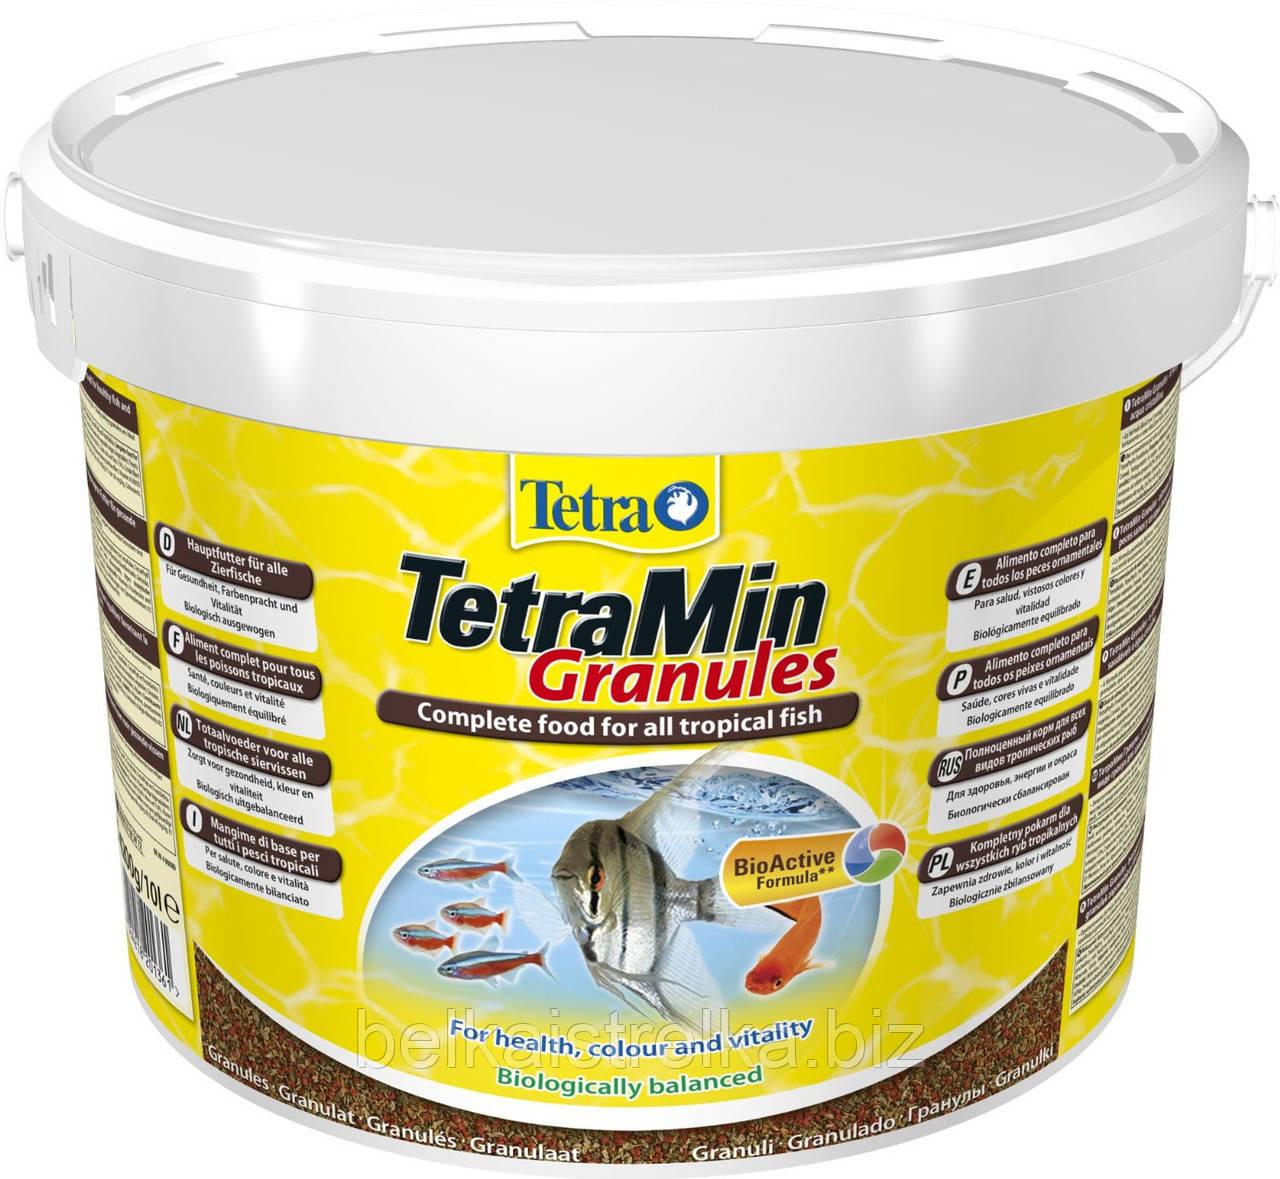 Корм для декоративных рыб Tetra Min Granules 10 000 мл, 201361